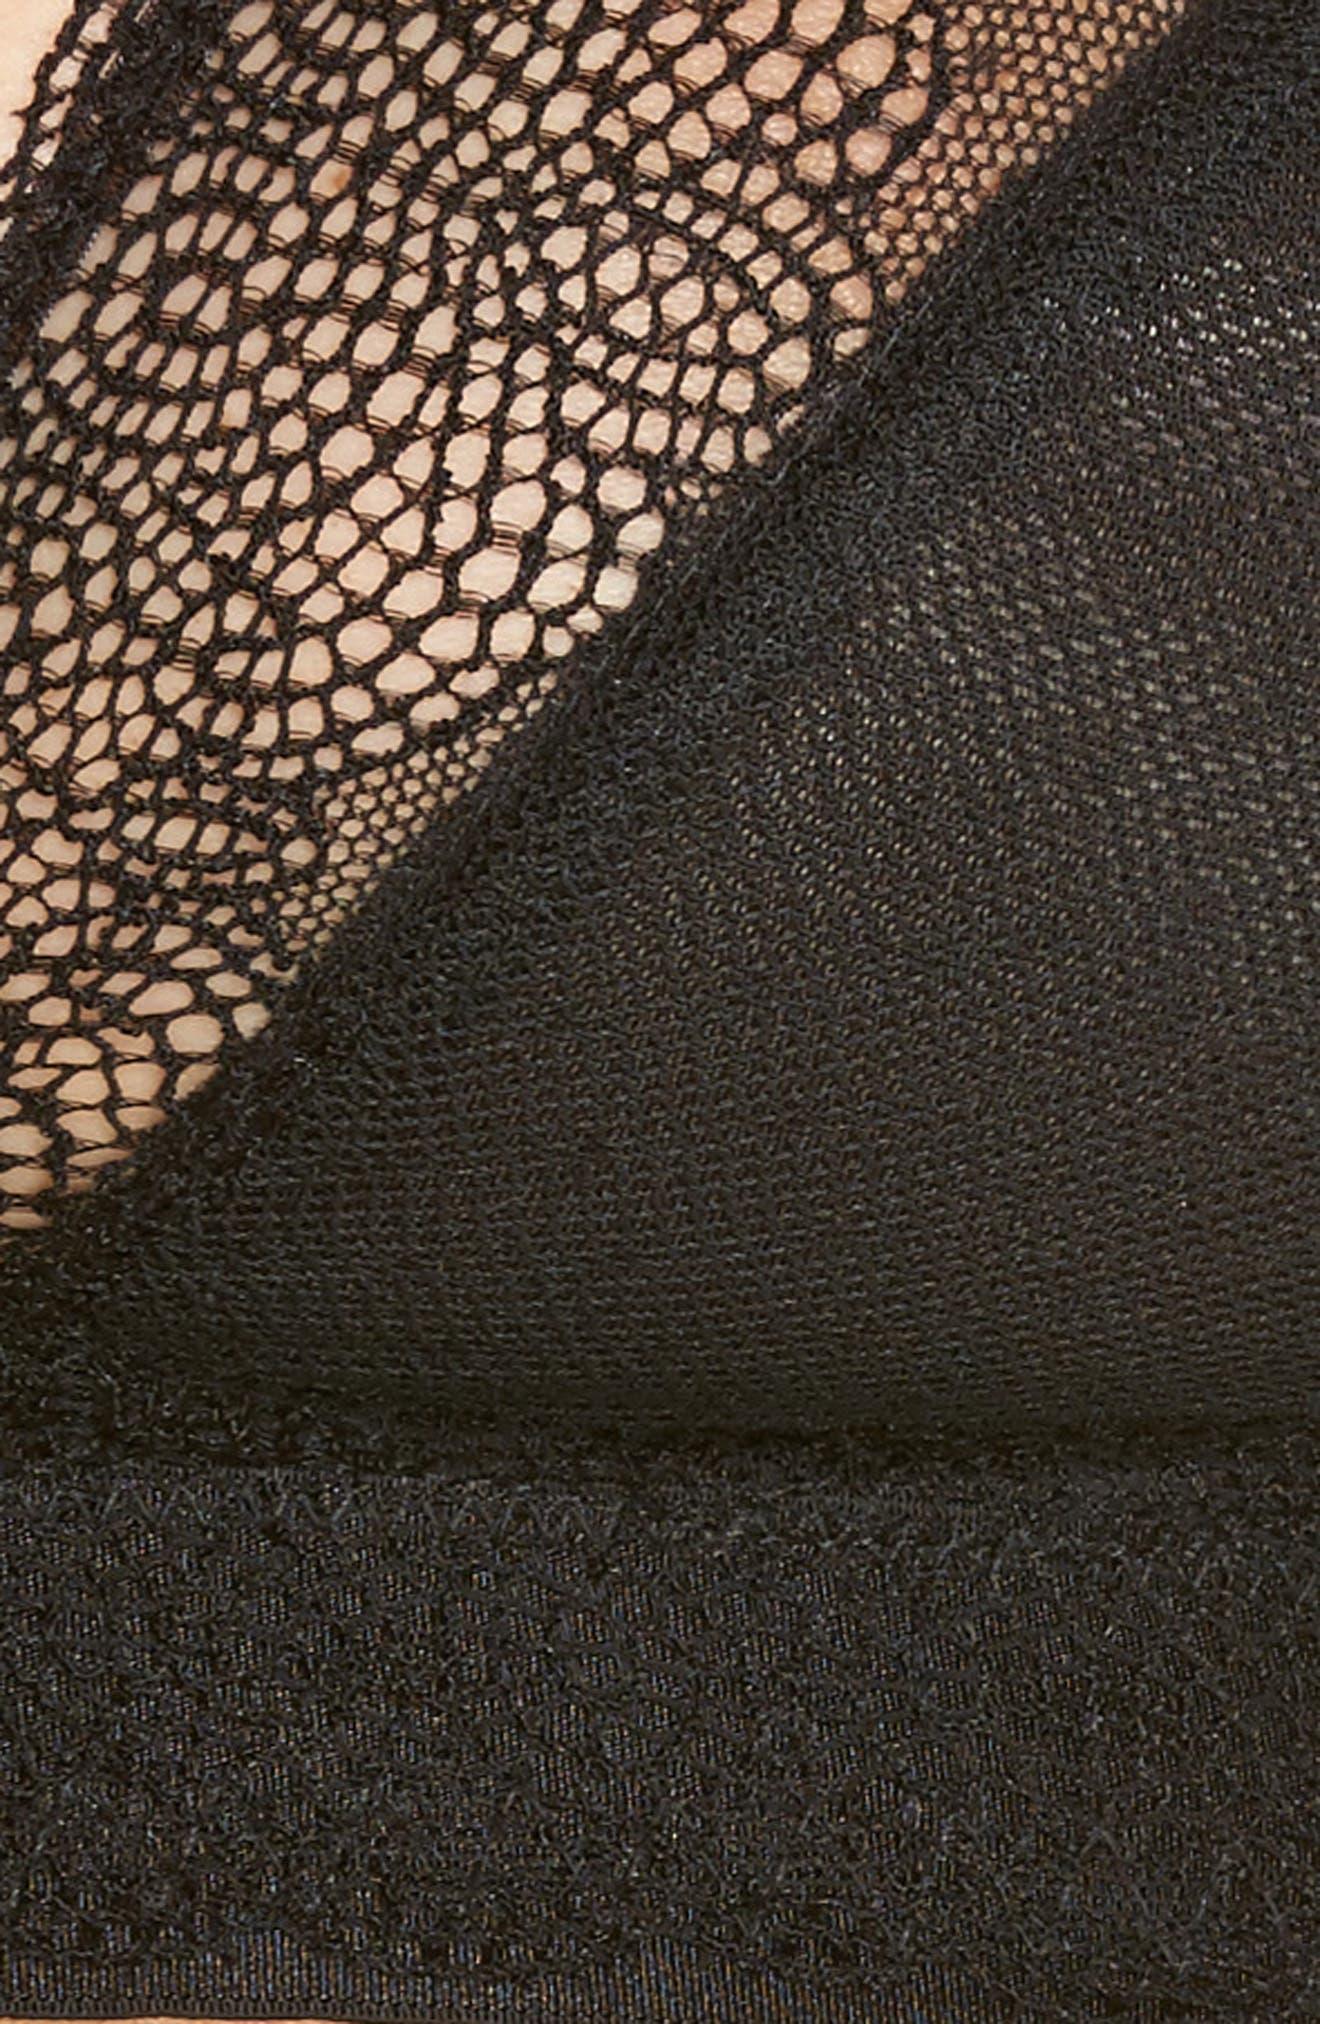 Le Marais Lace Bralette,                             Alternate thumbnail 8, color,                             Black